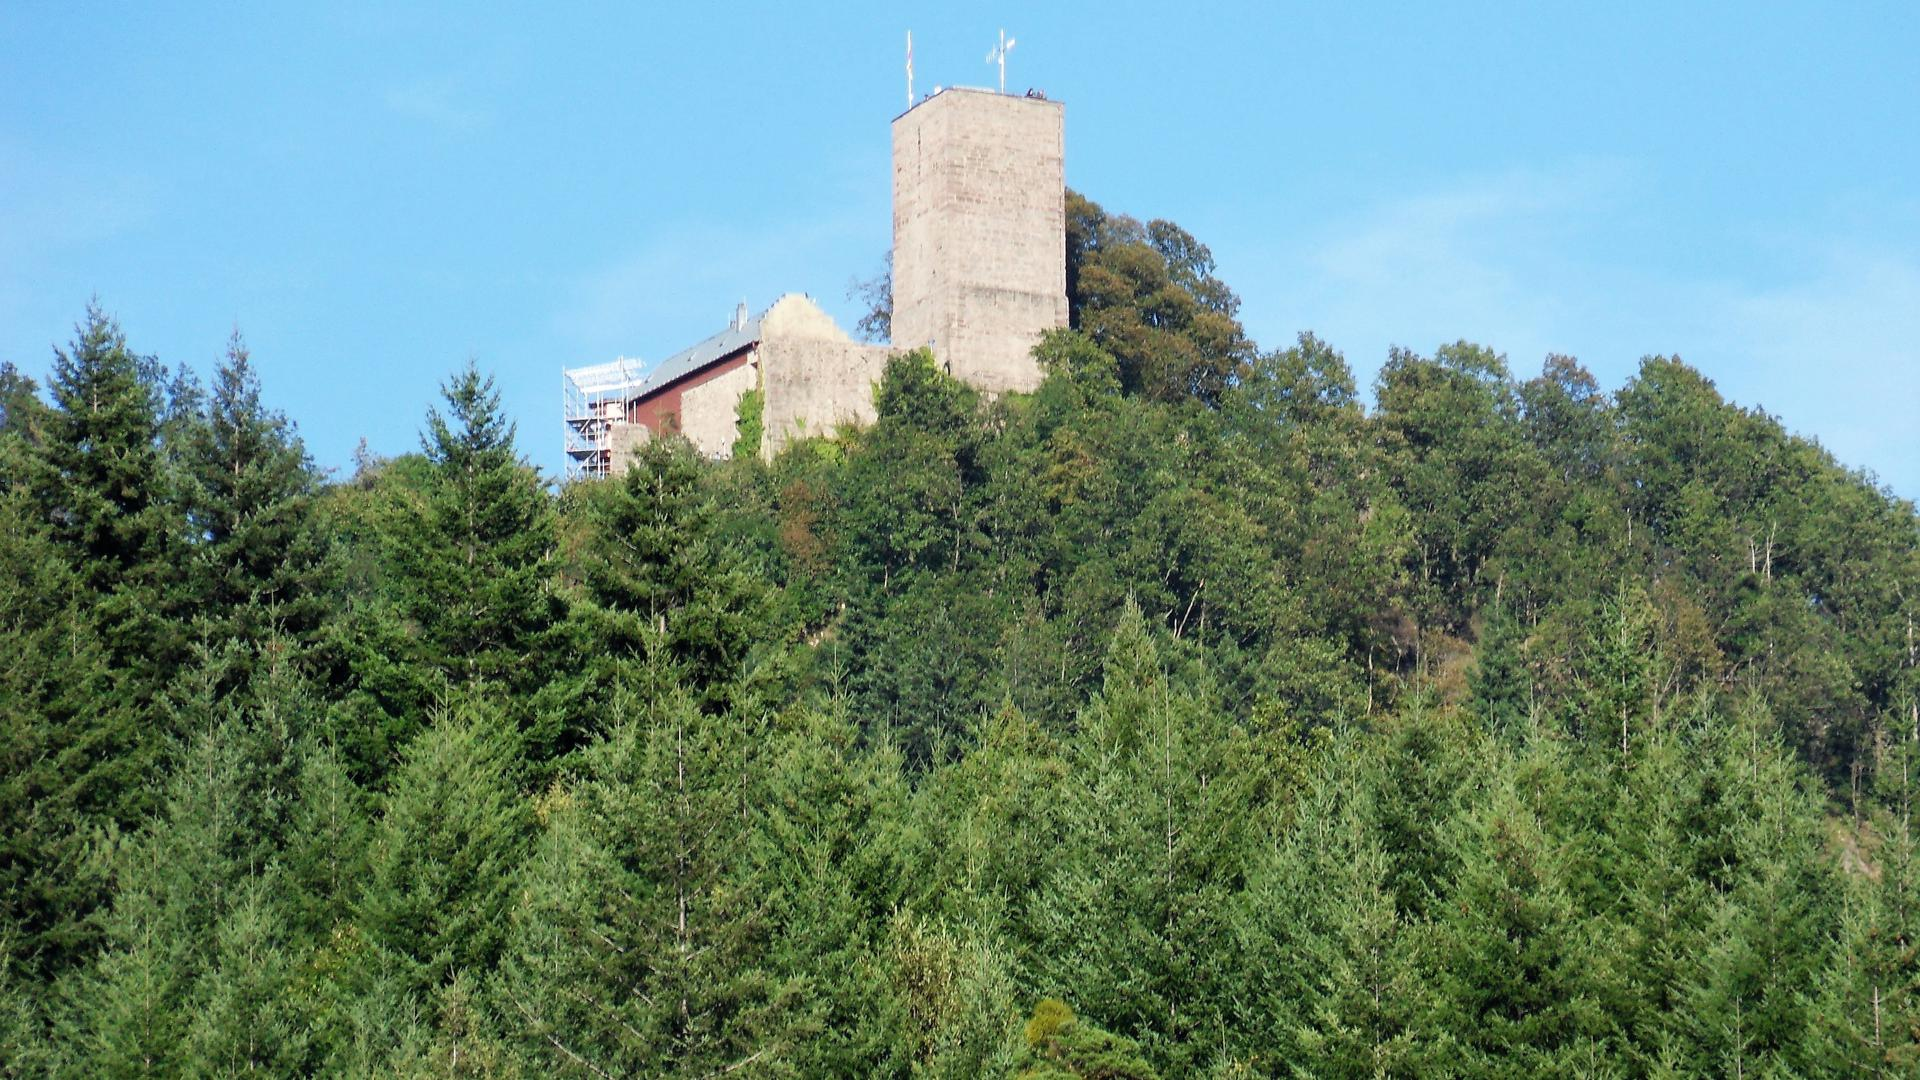 Ausflugsziel: Die Yburg thront über dem Baden-Badener Rebland. Die mittelalterliche Ruine ist das Wahrzeichen des Reblands.